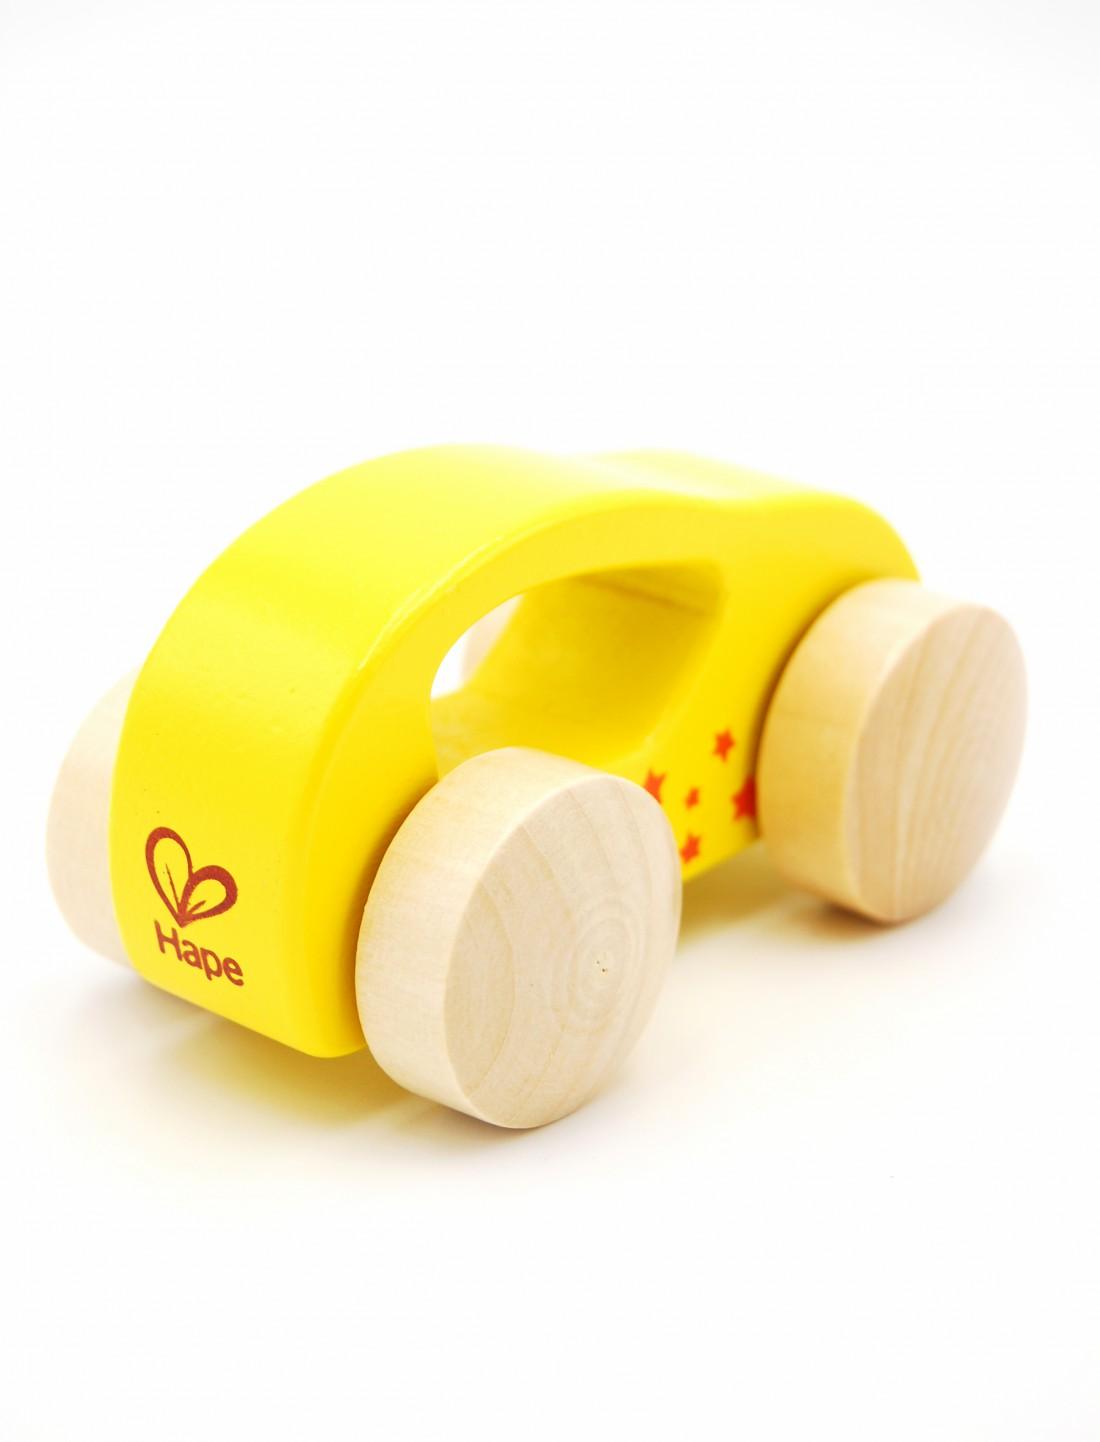 Mini coches. Hape